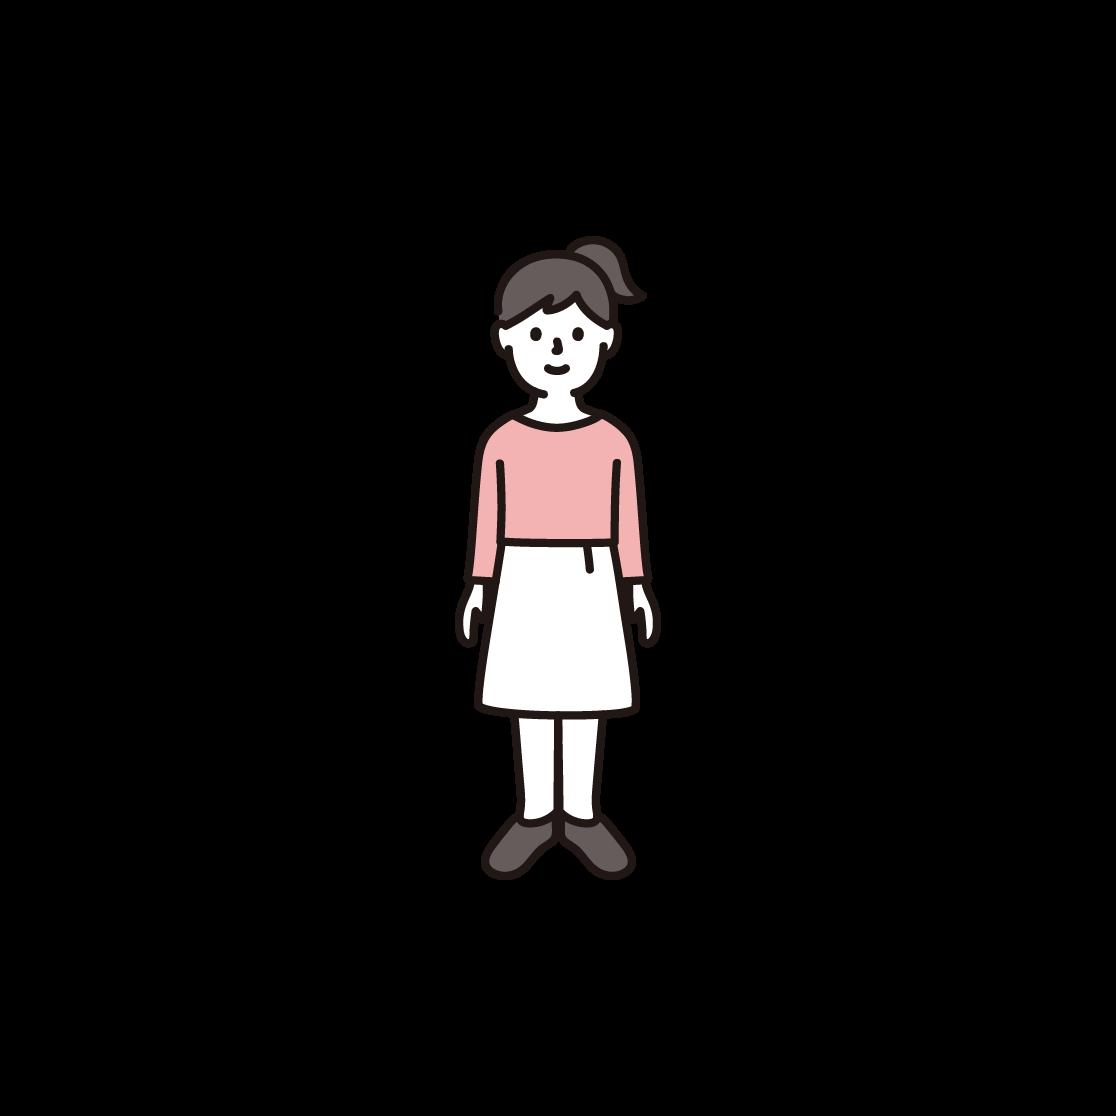 子ども(女の子)のイラスト